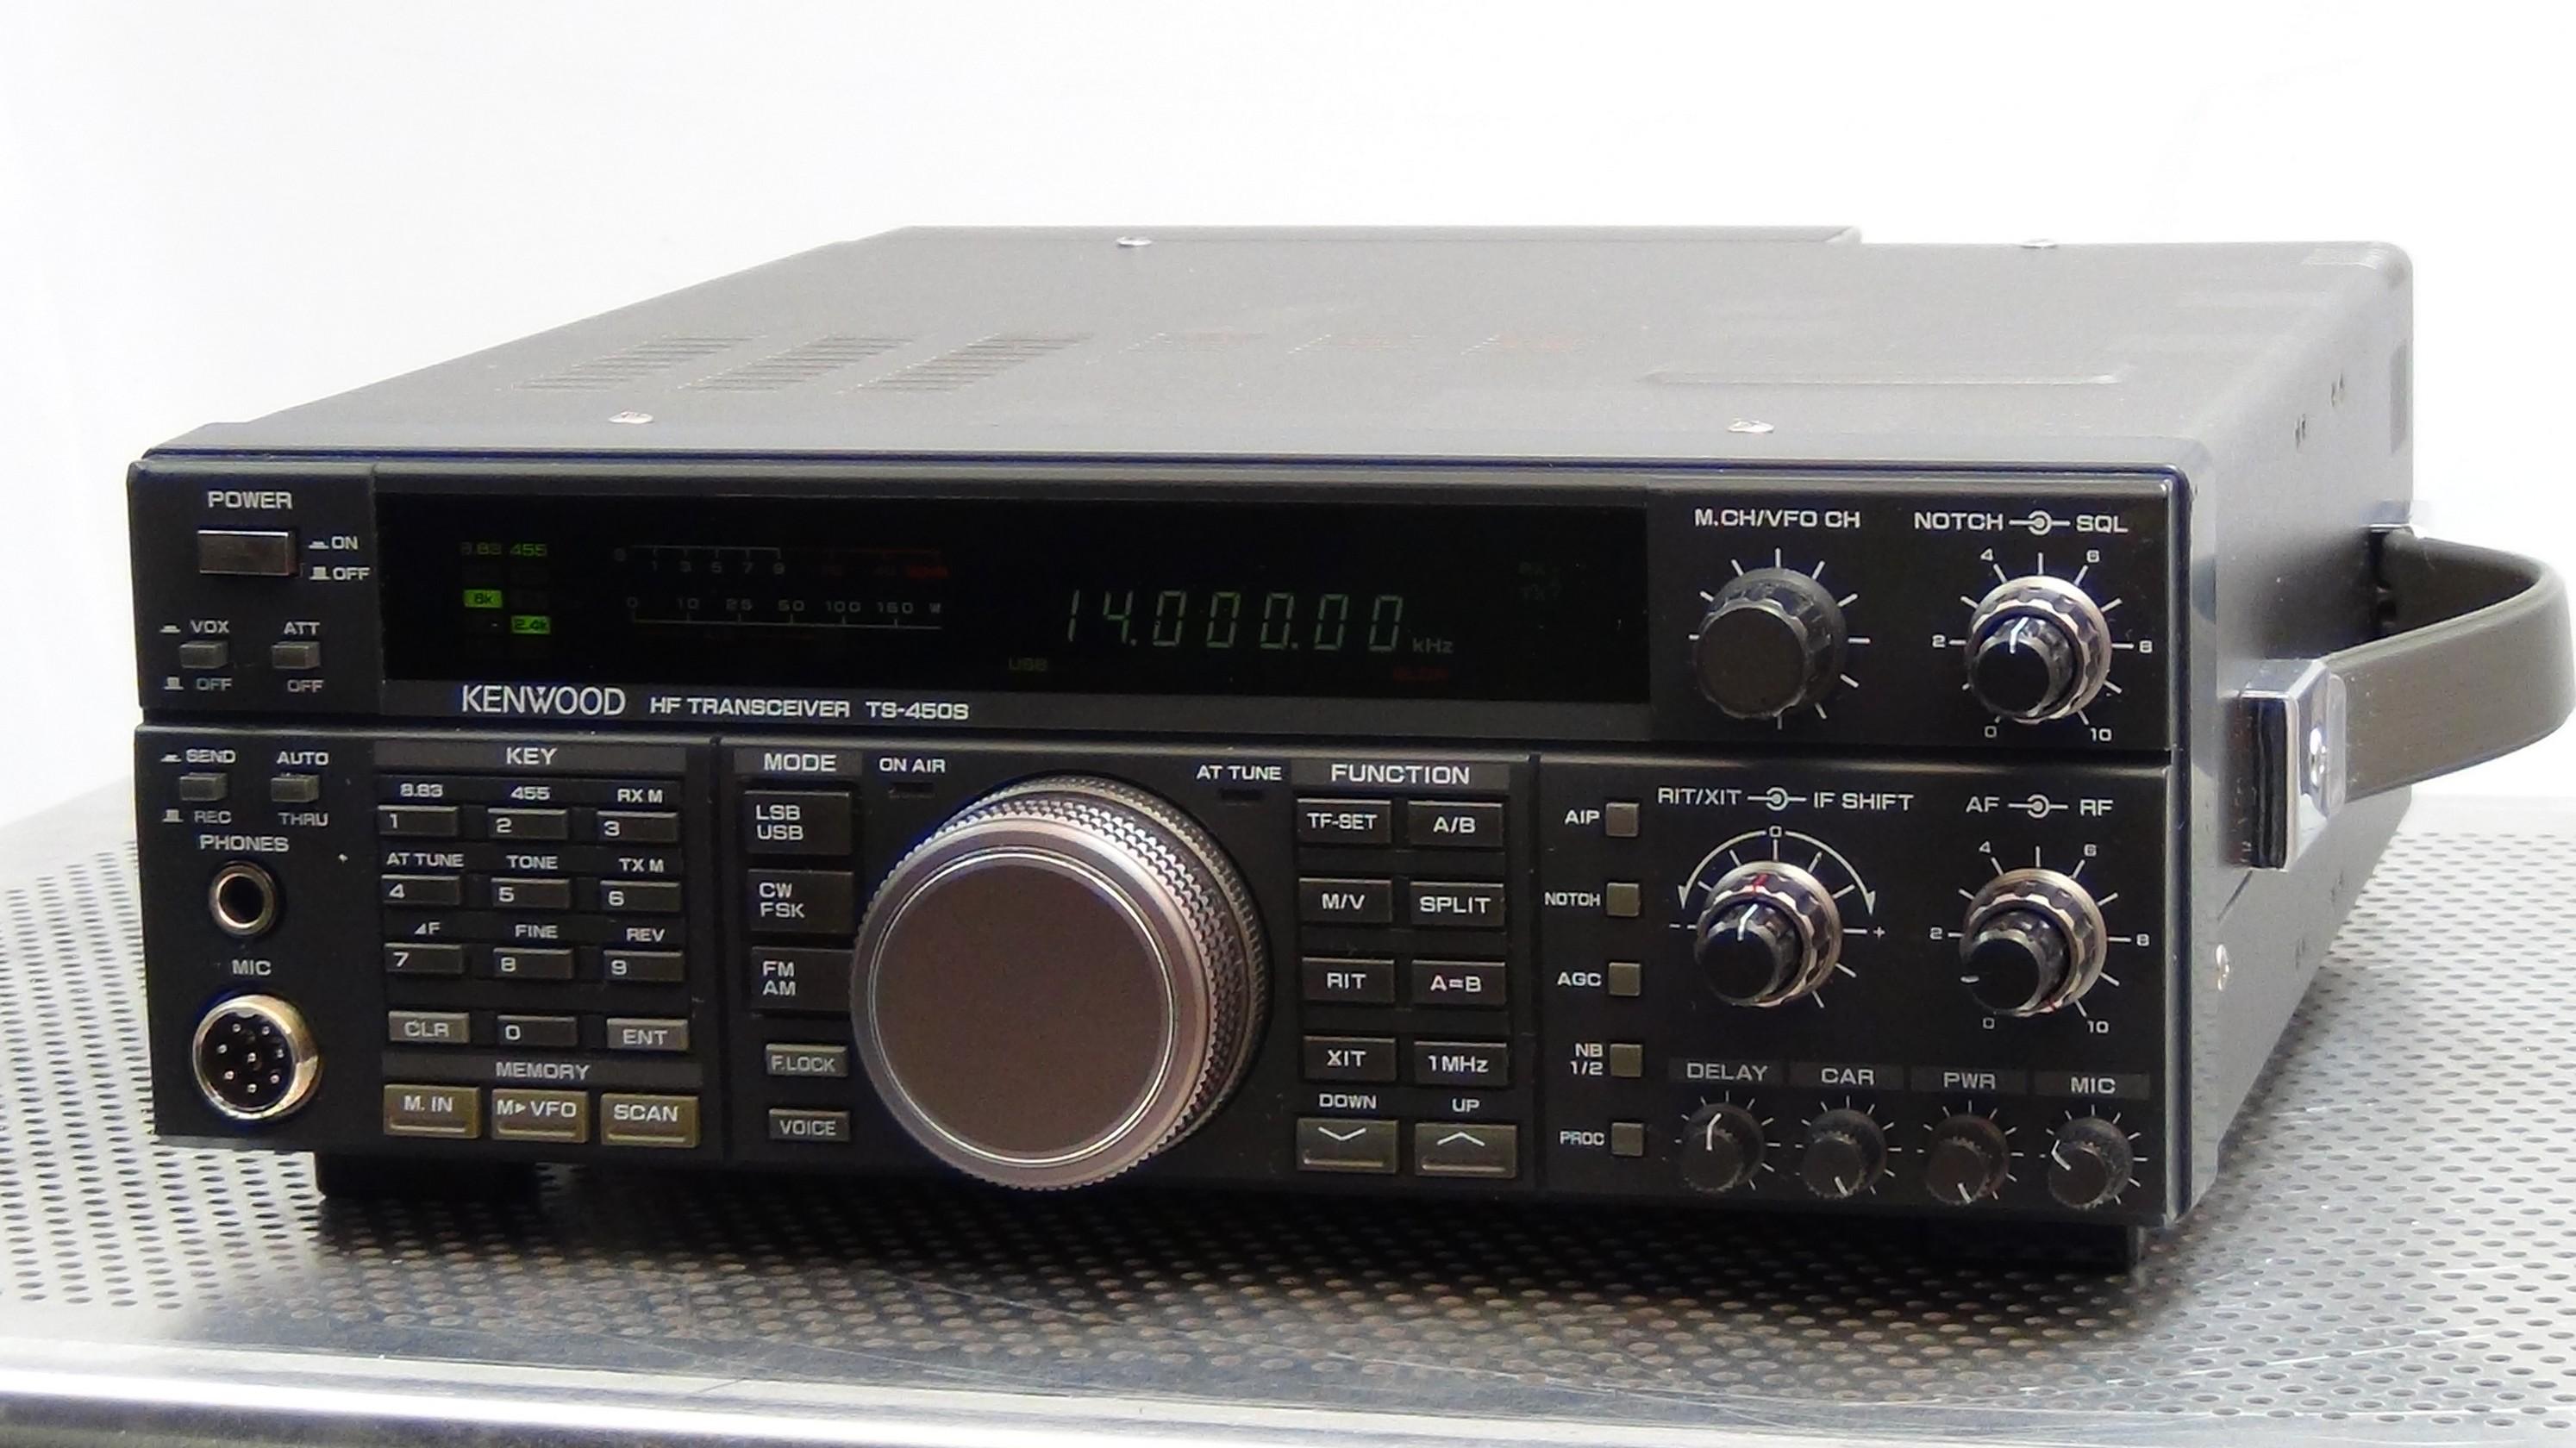 Kenwood TS-450SAT Transceiver